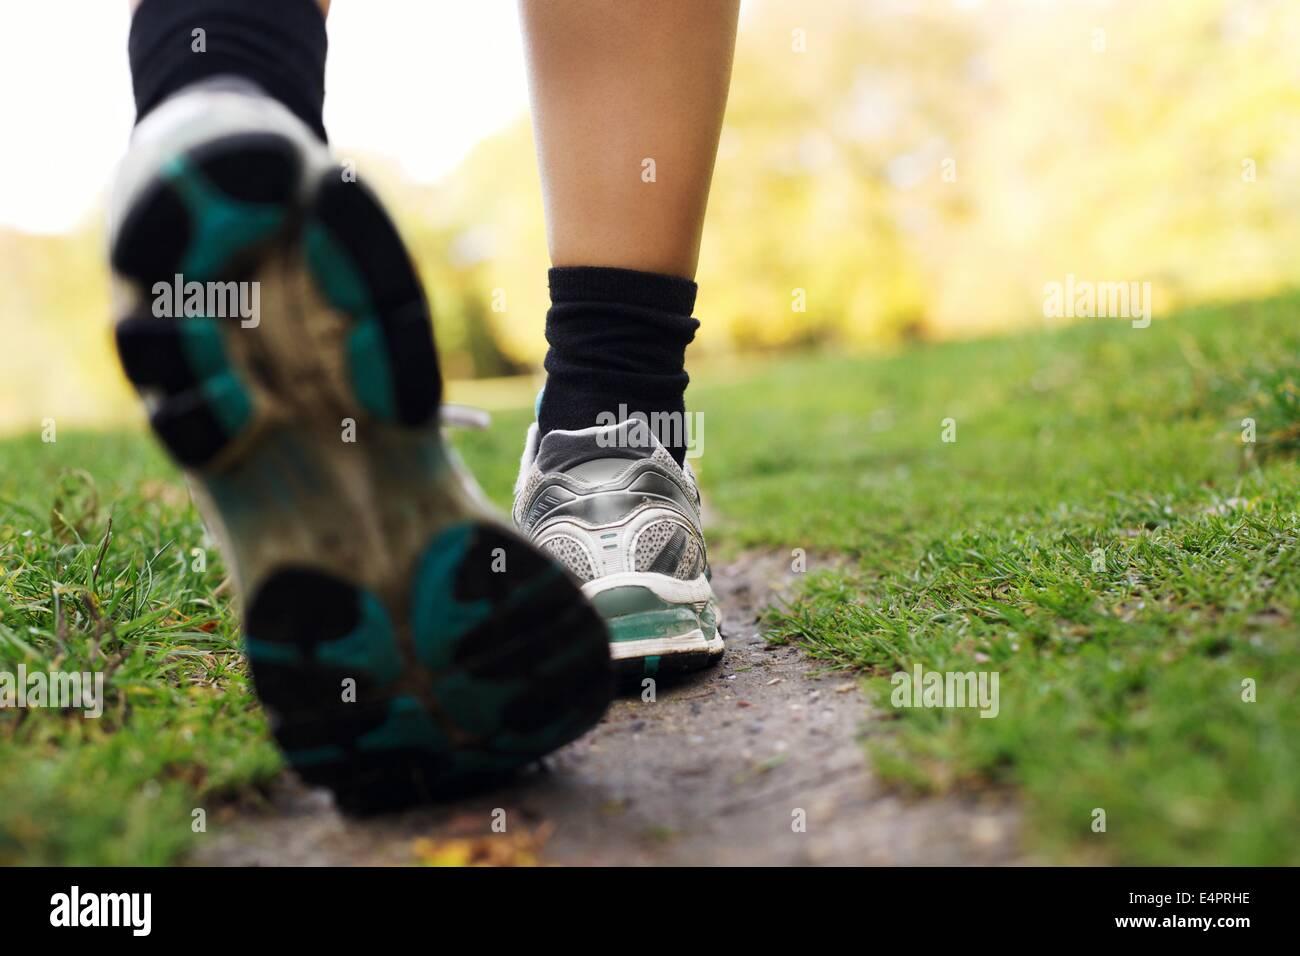 Los pies de un corredor en el parque. Mujer a caminar en el parque, cerca de los pies. Fitness y ejercicio de entrenamiento. Imagen De Stock